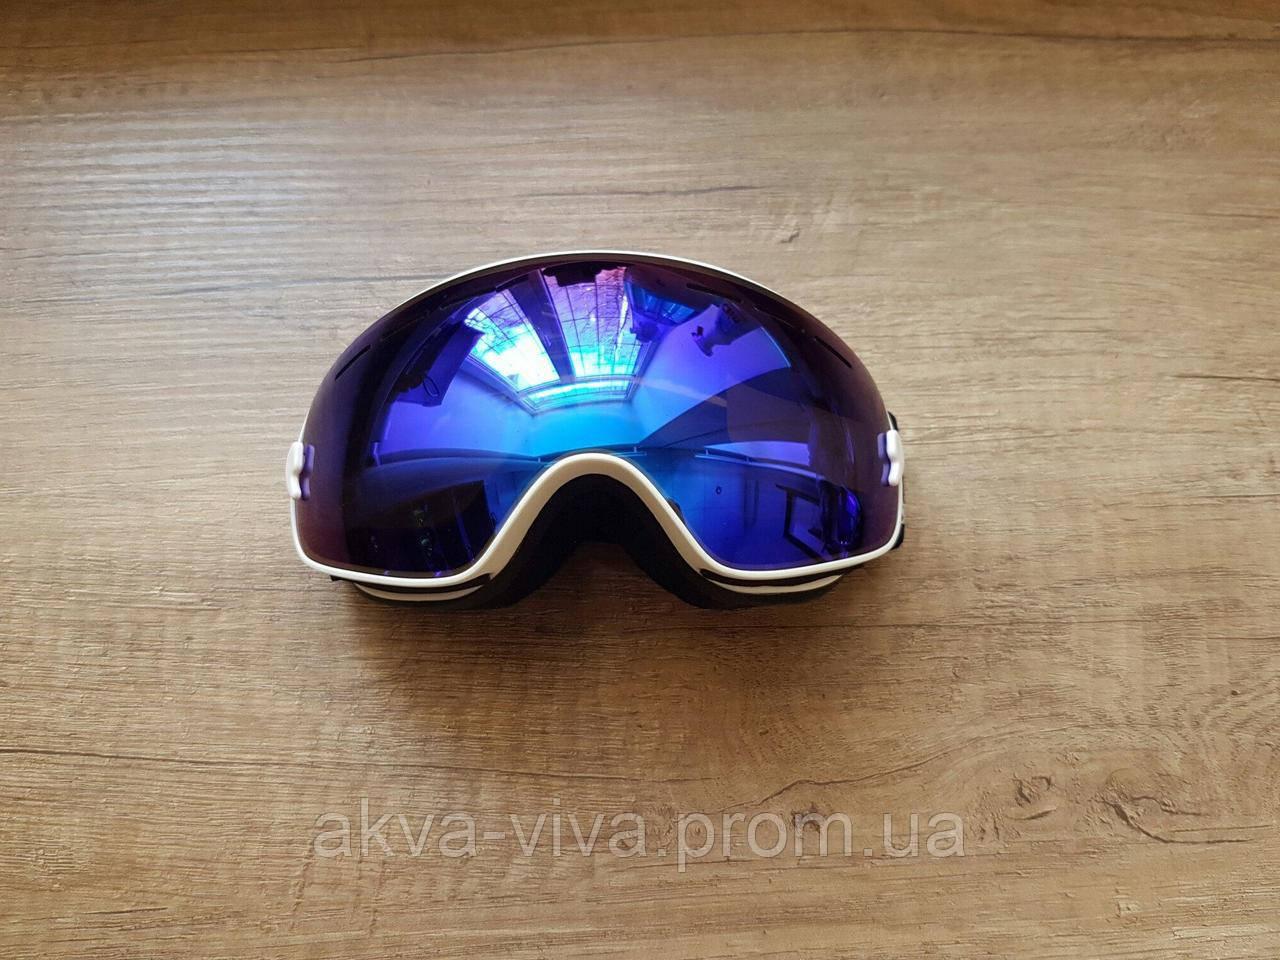 Детская горнолыжная маска. Для детей/подростков до 15 лет. Белая рамка (ДМГ-1000)